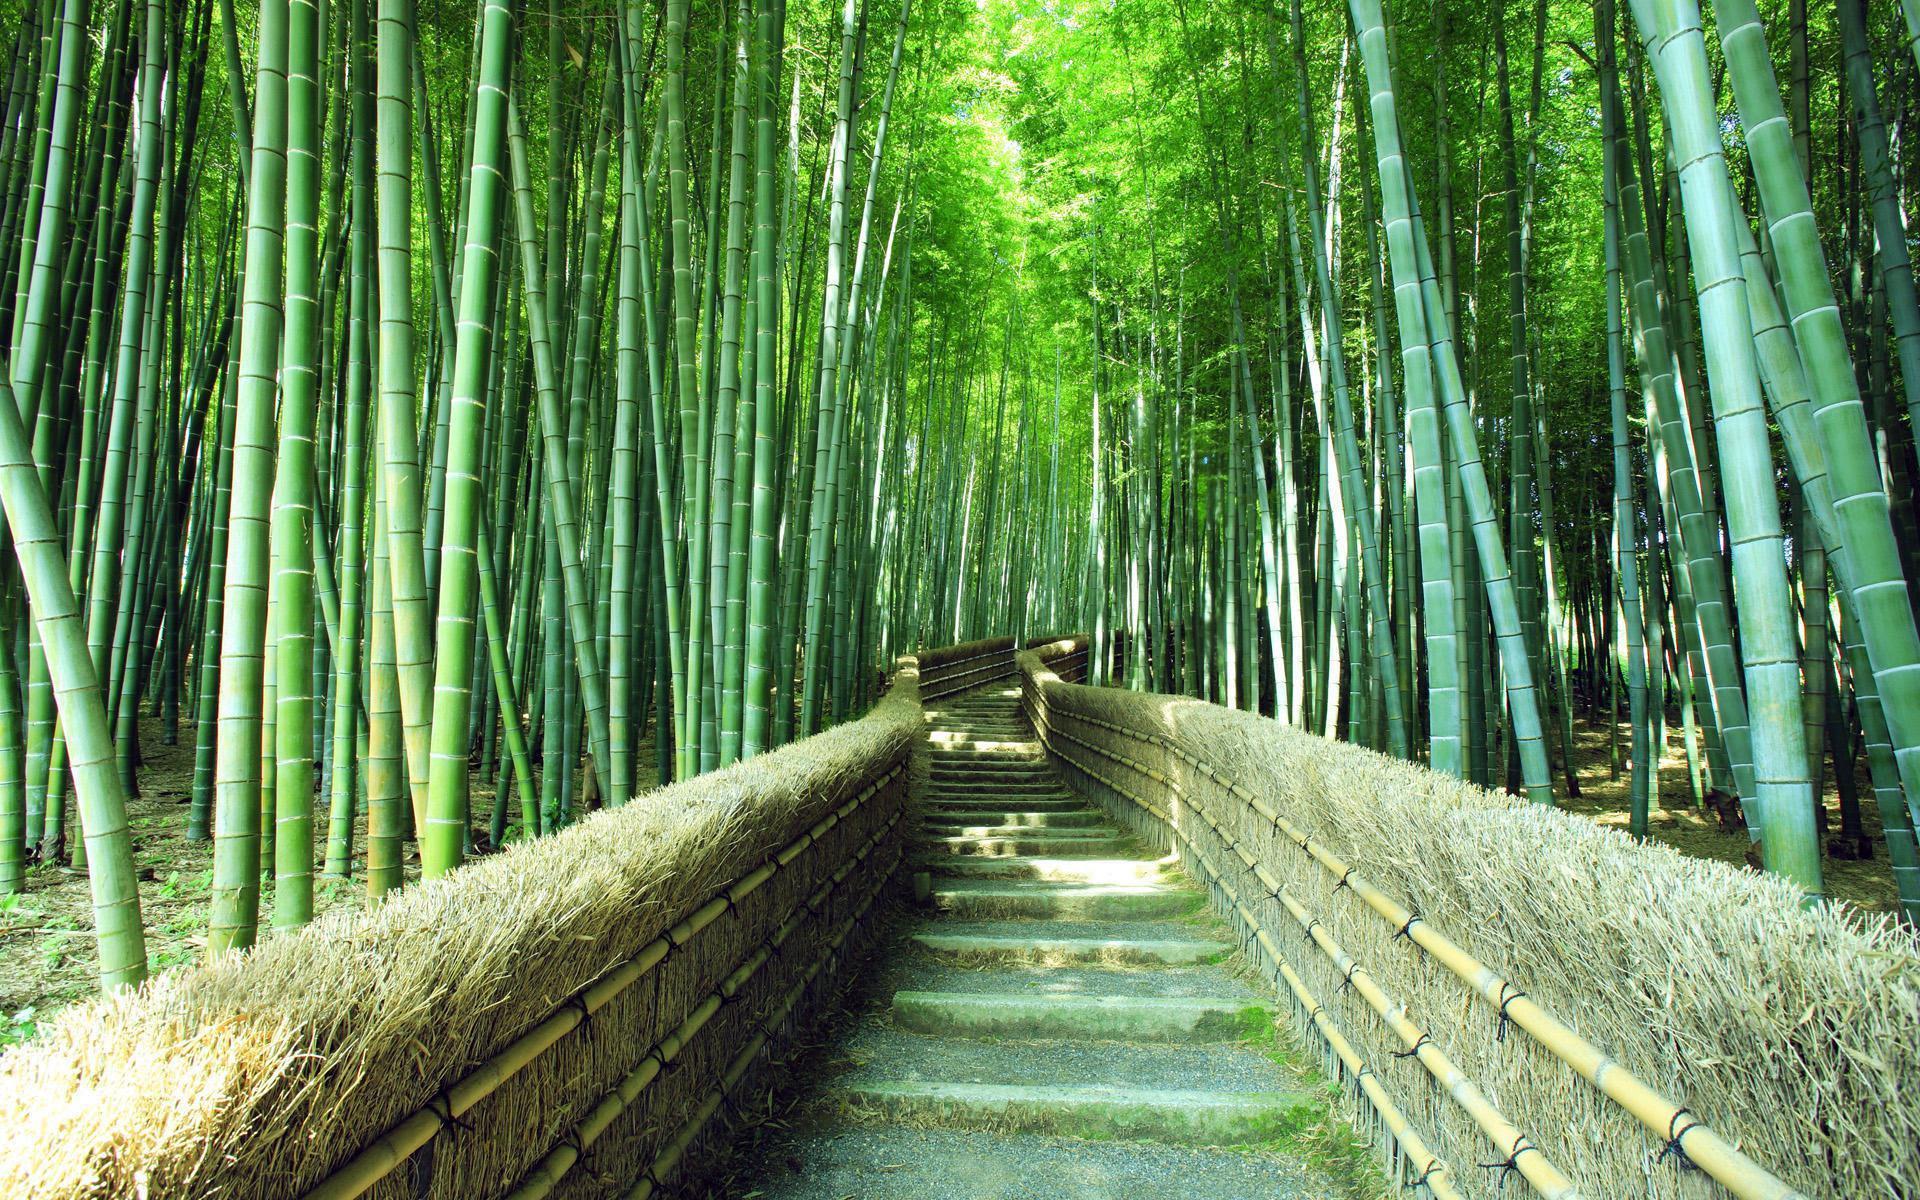 Jalan Wallpaper Bambu Hutan Pemandangan Hijau Hd Layar Lebar